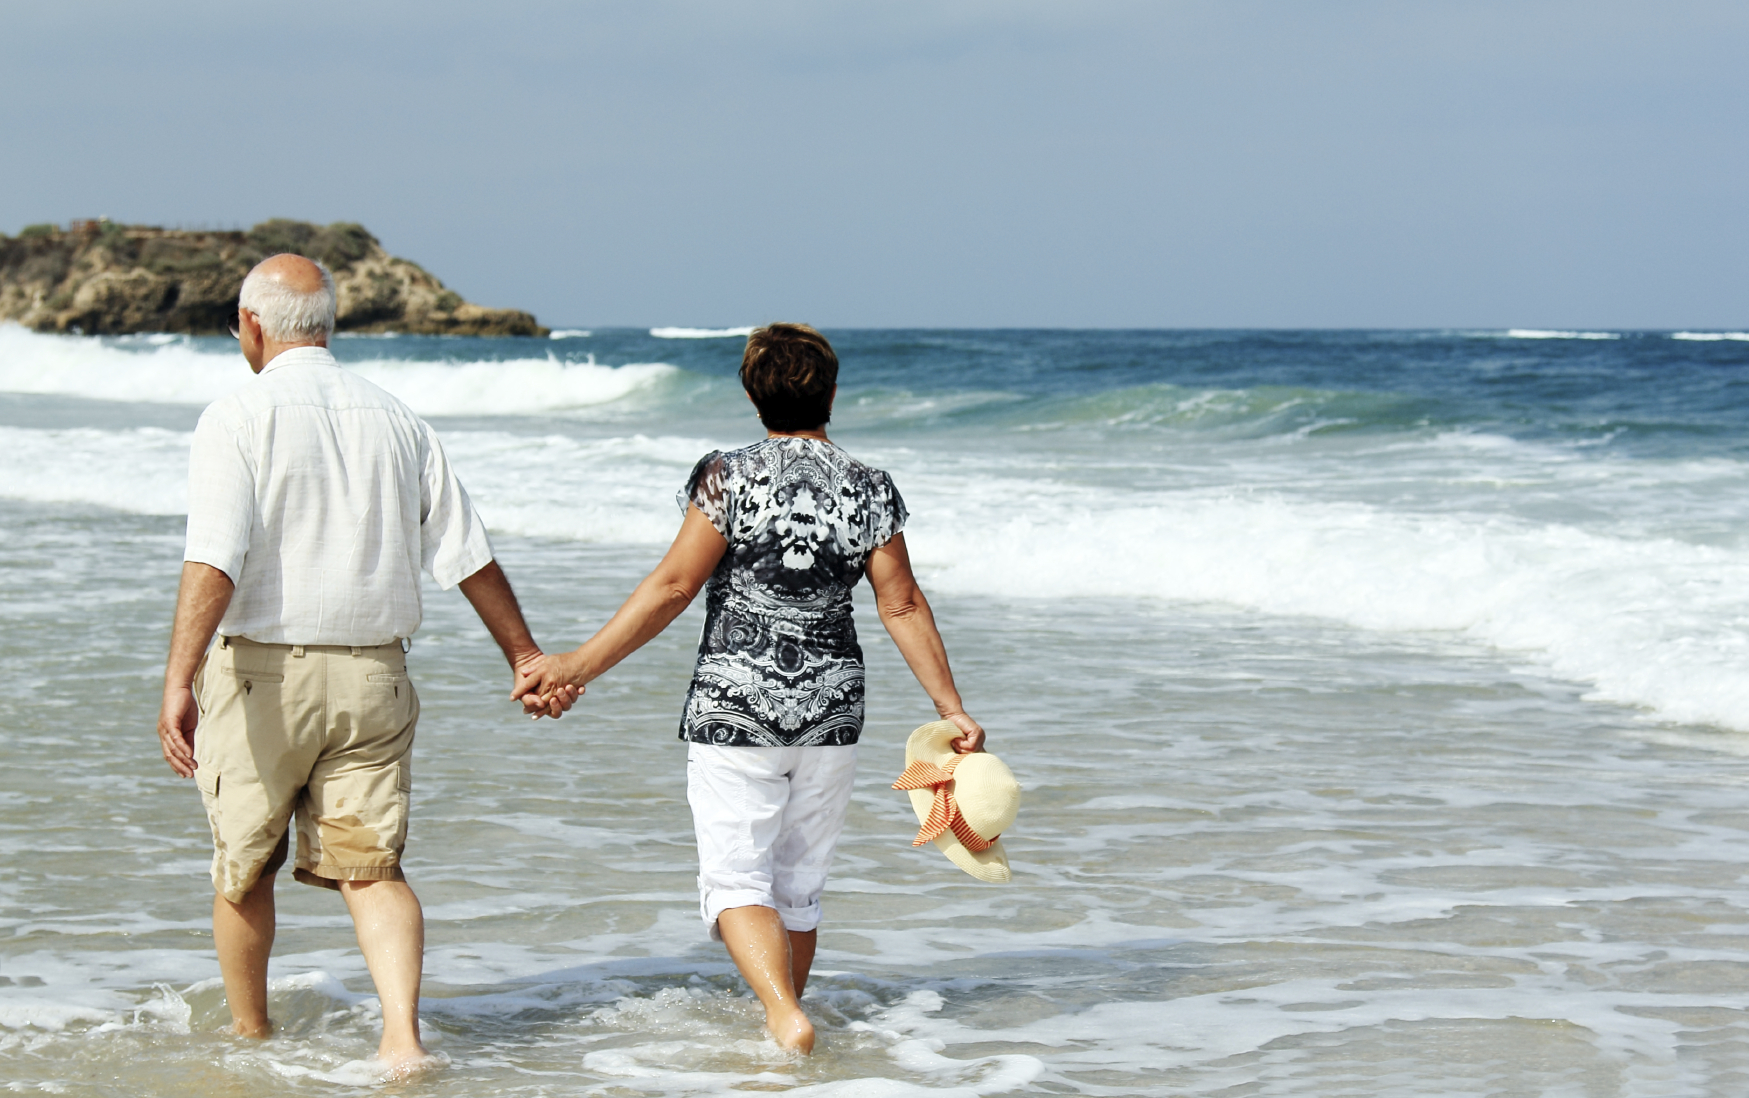 Пенсия – не приговор: способы дешево путешествовать в любом возрасте